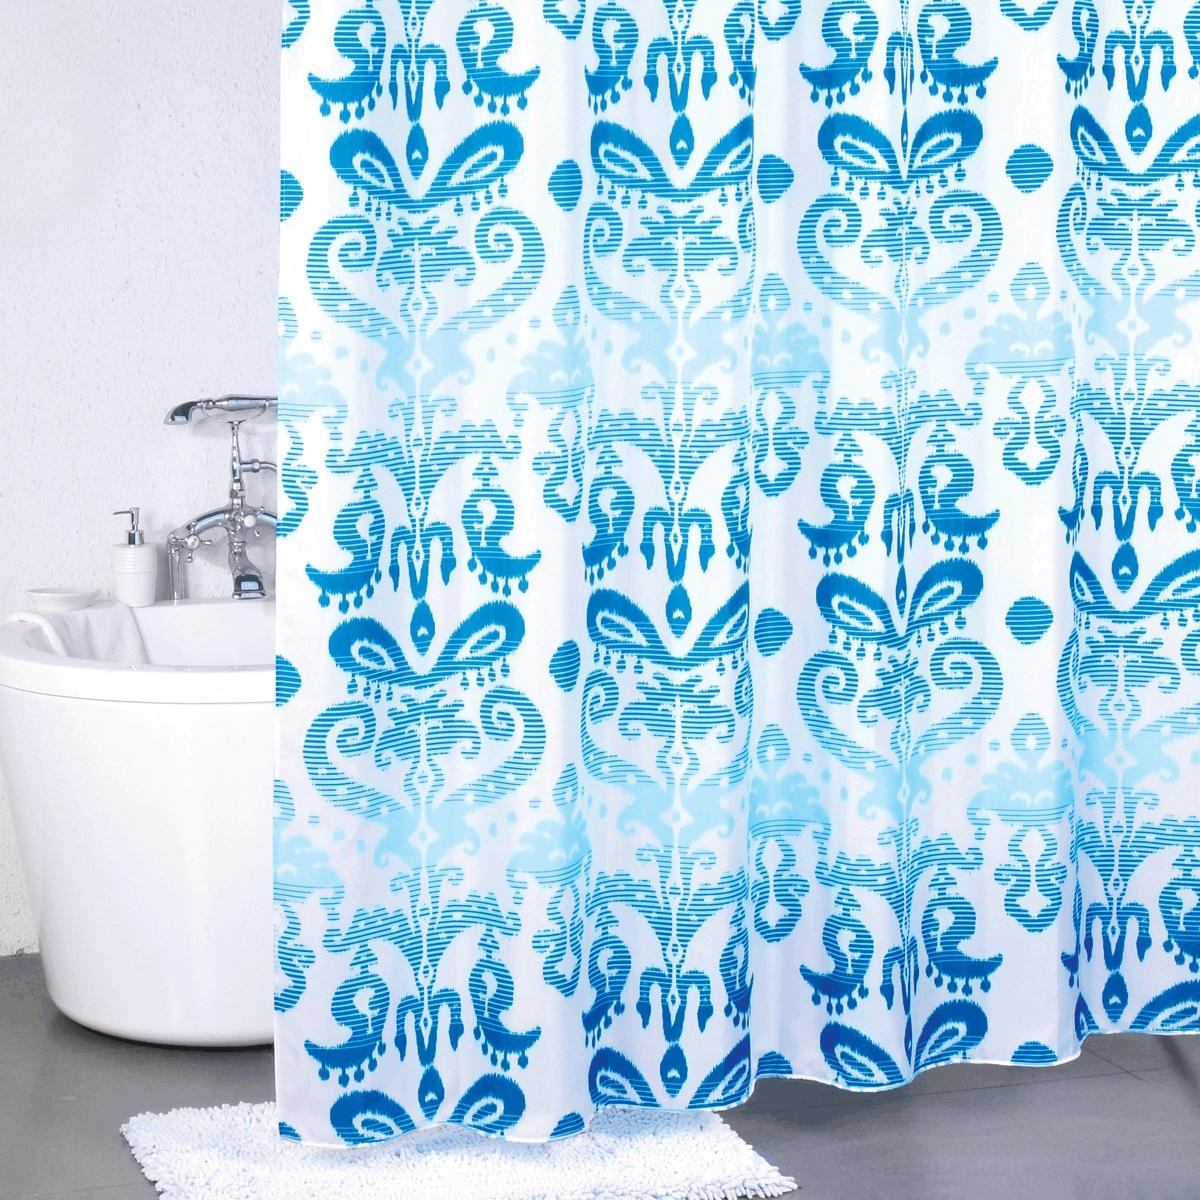 Штора для ванной Milardo Turkish Blue, цвет: голубой, 180 x 200 см920P180M11Штора для ванной Milardo Beige Silhouette, изготовленная из полиэстера - водонепроницаемого, мягкого на ощупь и прочного материала, идеально защищает ванную комнату от брызг. В верхней кромке шторы предусмотрены металлические отверстия для колец, которые входят в комплект.Штора Milardo Beige Silhouette порадует вас своим ярким дизайном и добавит уюта в ванную комнату. Плотность: 90 г/м.Количество колец: 12 шт.